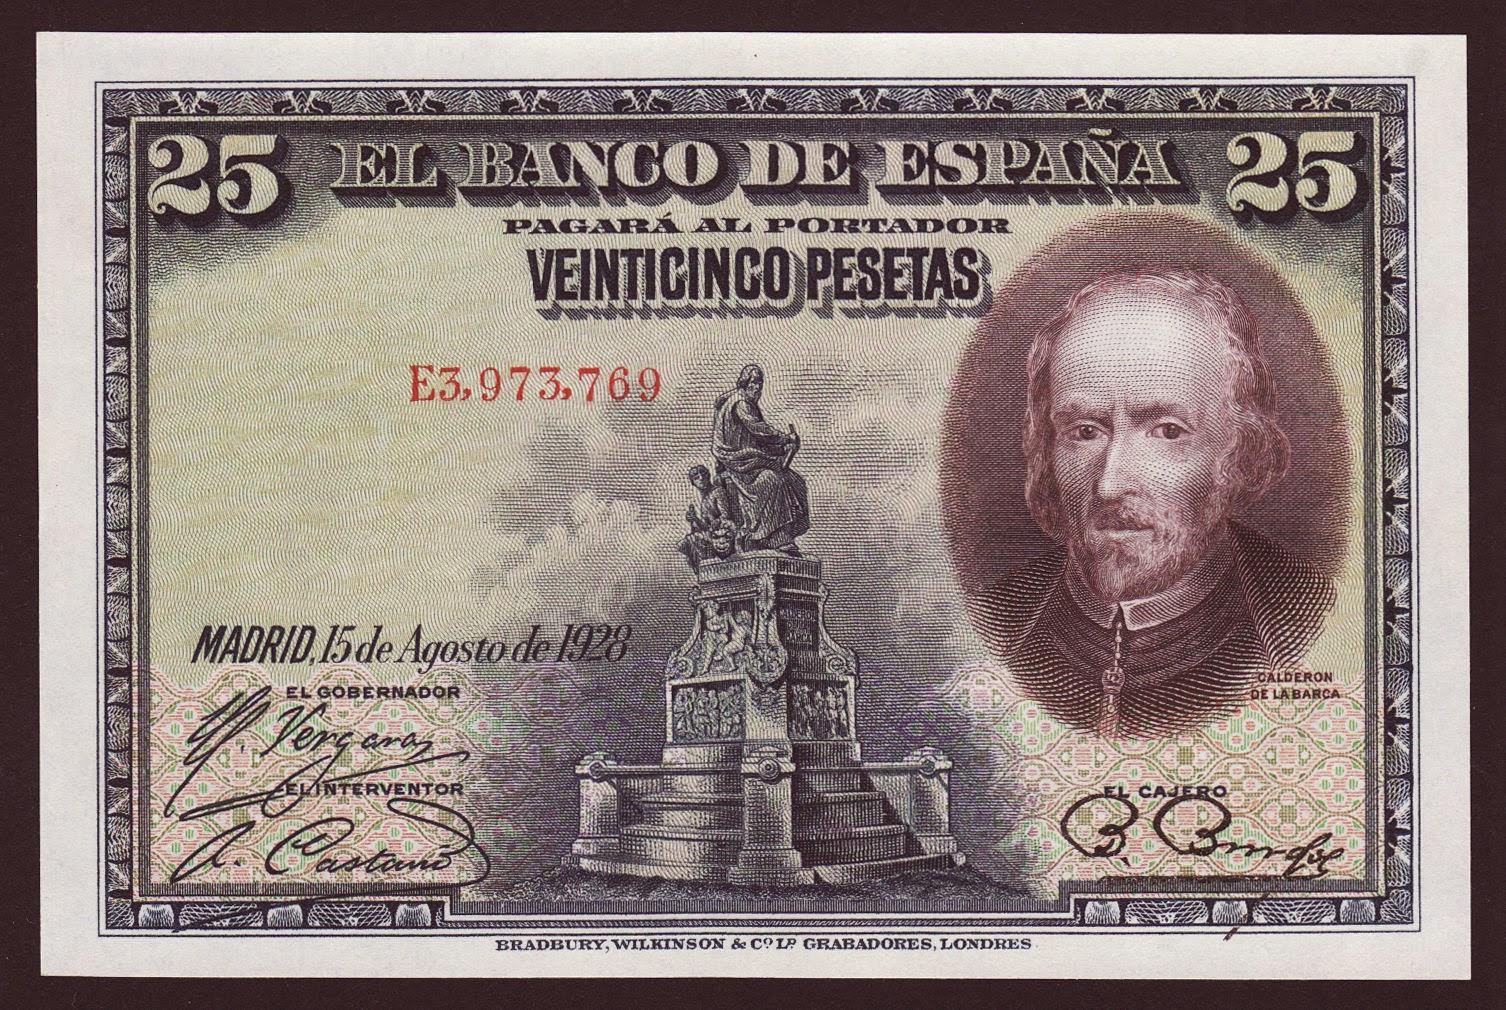 Spain Banknotes 25 Pesetas banknote 1928 Pedro Calderon de la Barca